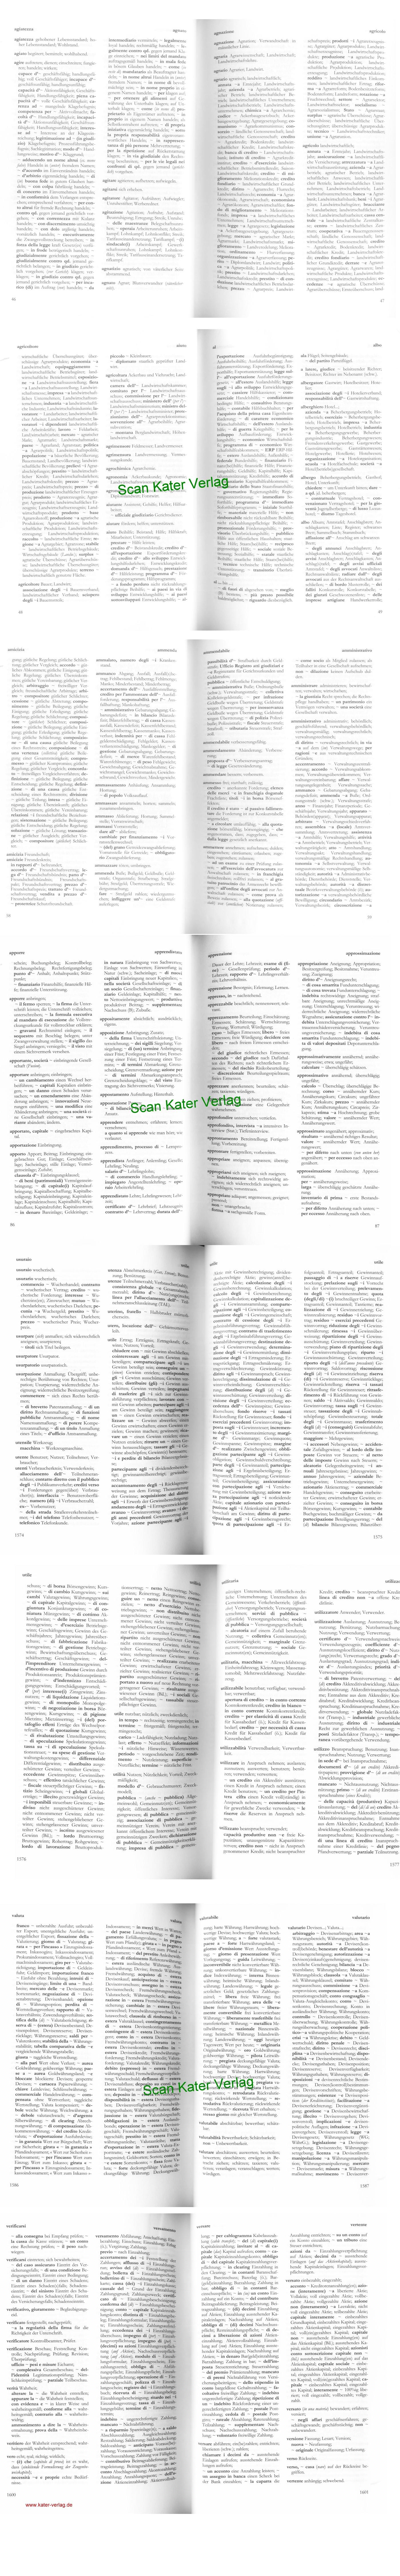 Troike-Strambaci: Wörterbuch für Recht, Wirtschaft und Politik  II Italienisch-Deutsch IT-DE